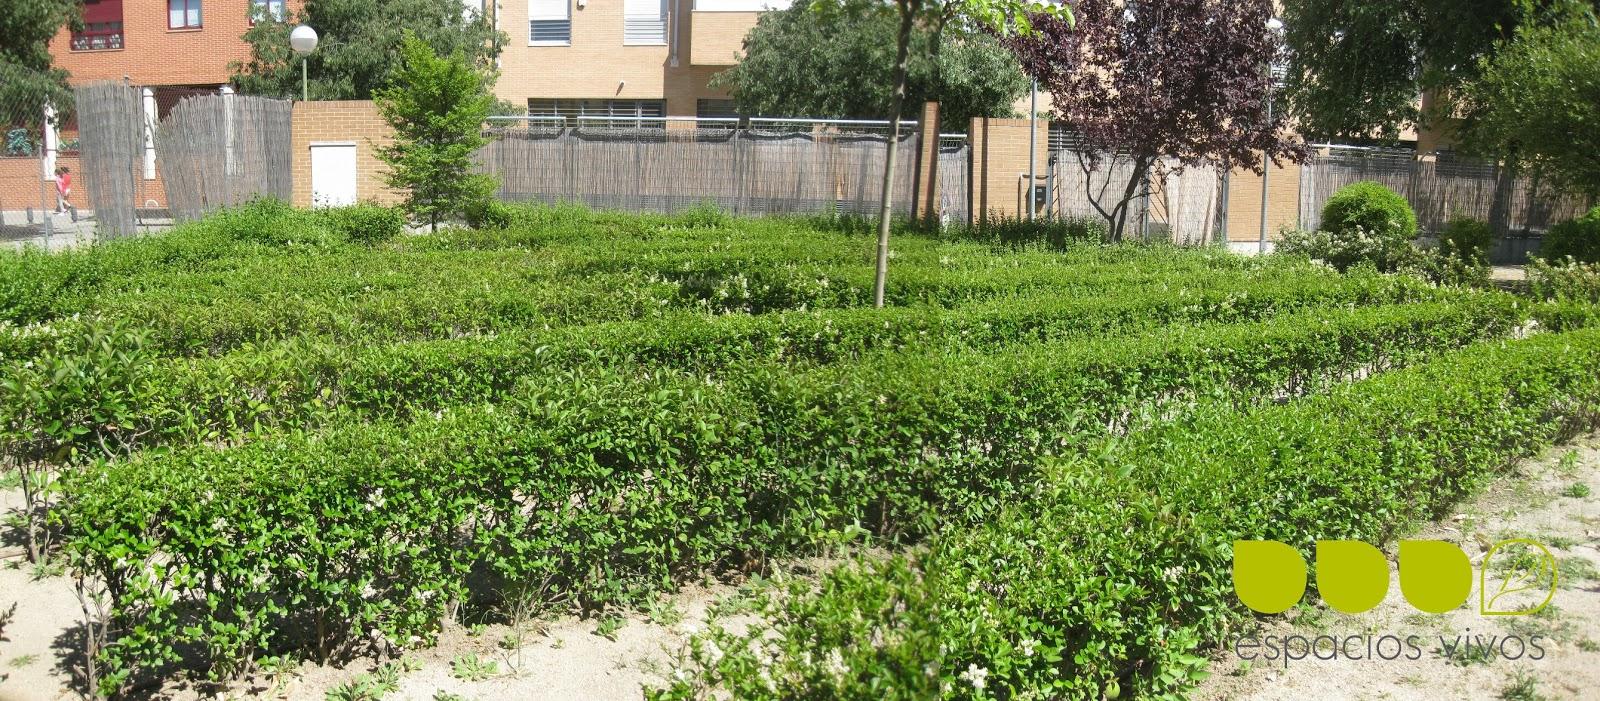 Jardines para ni os jardines para aprender espacios vivos for Jardines pequenos para ninos